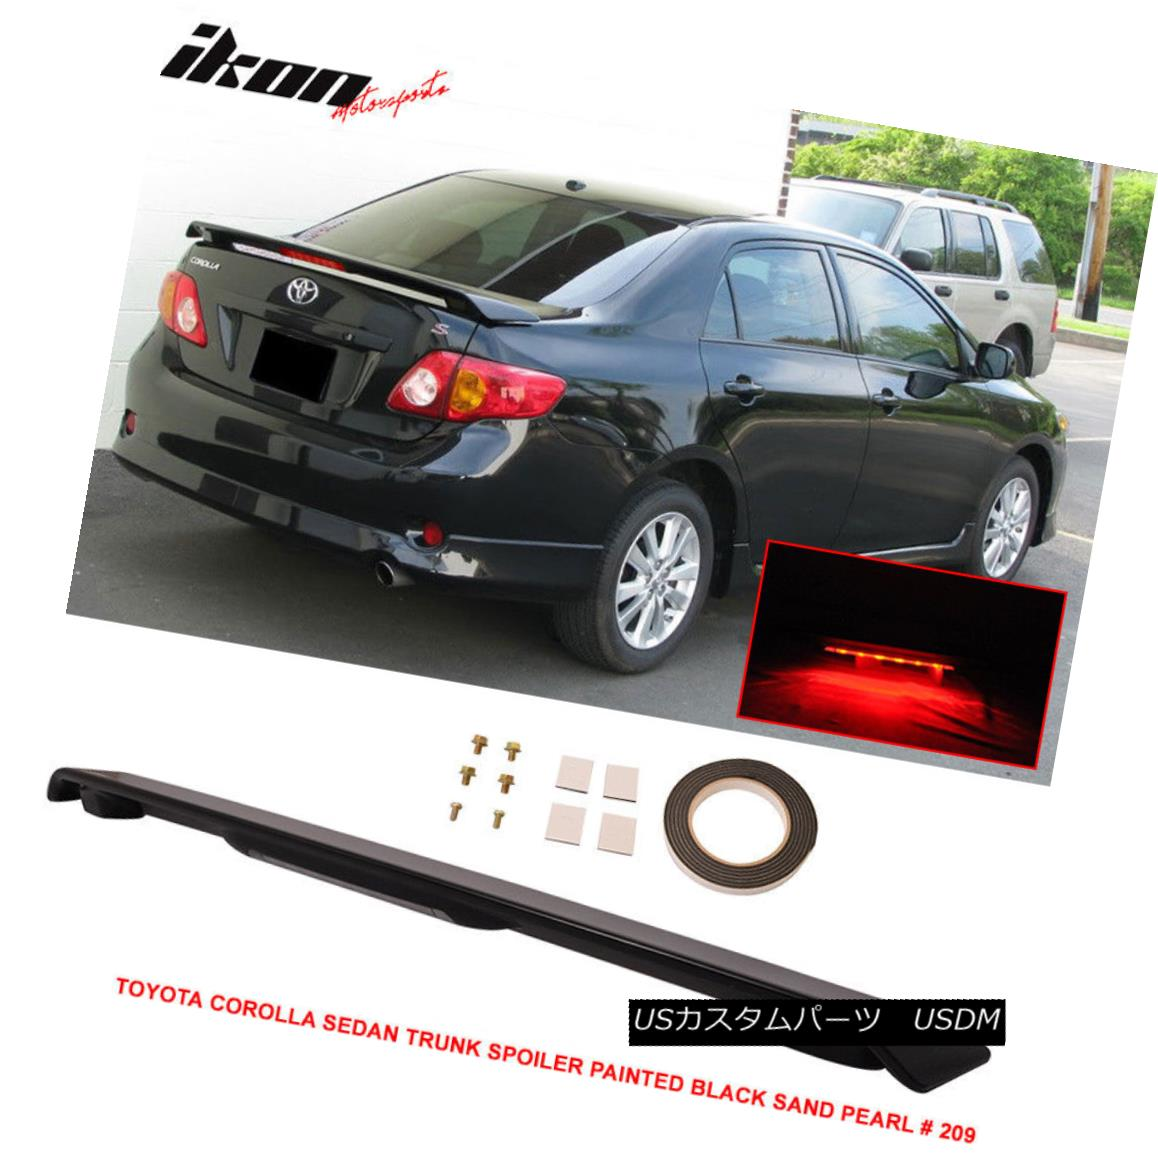 エアロパーツ 09-13 Toyota Corolla Trunk Spoiler Painted Black Sand Pearl # 209 LED Light 09-13トヨタカローラトランクスポイラー黒砂パール#209 LEDライト